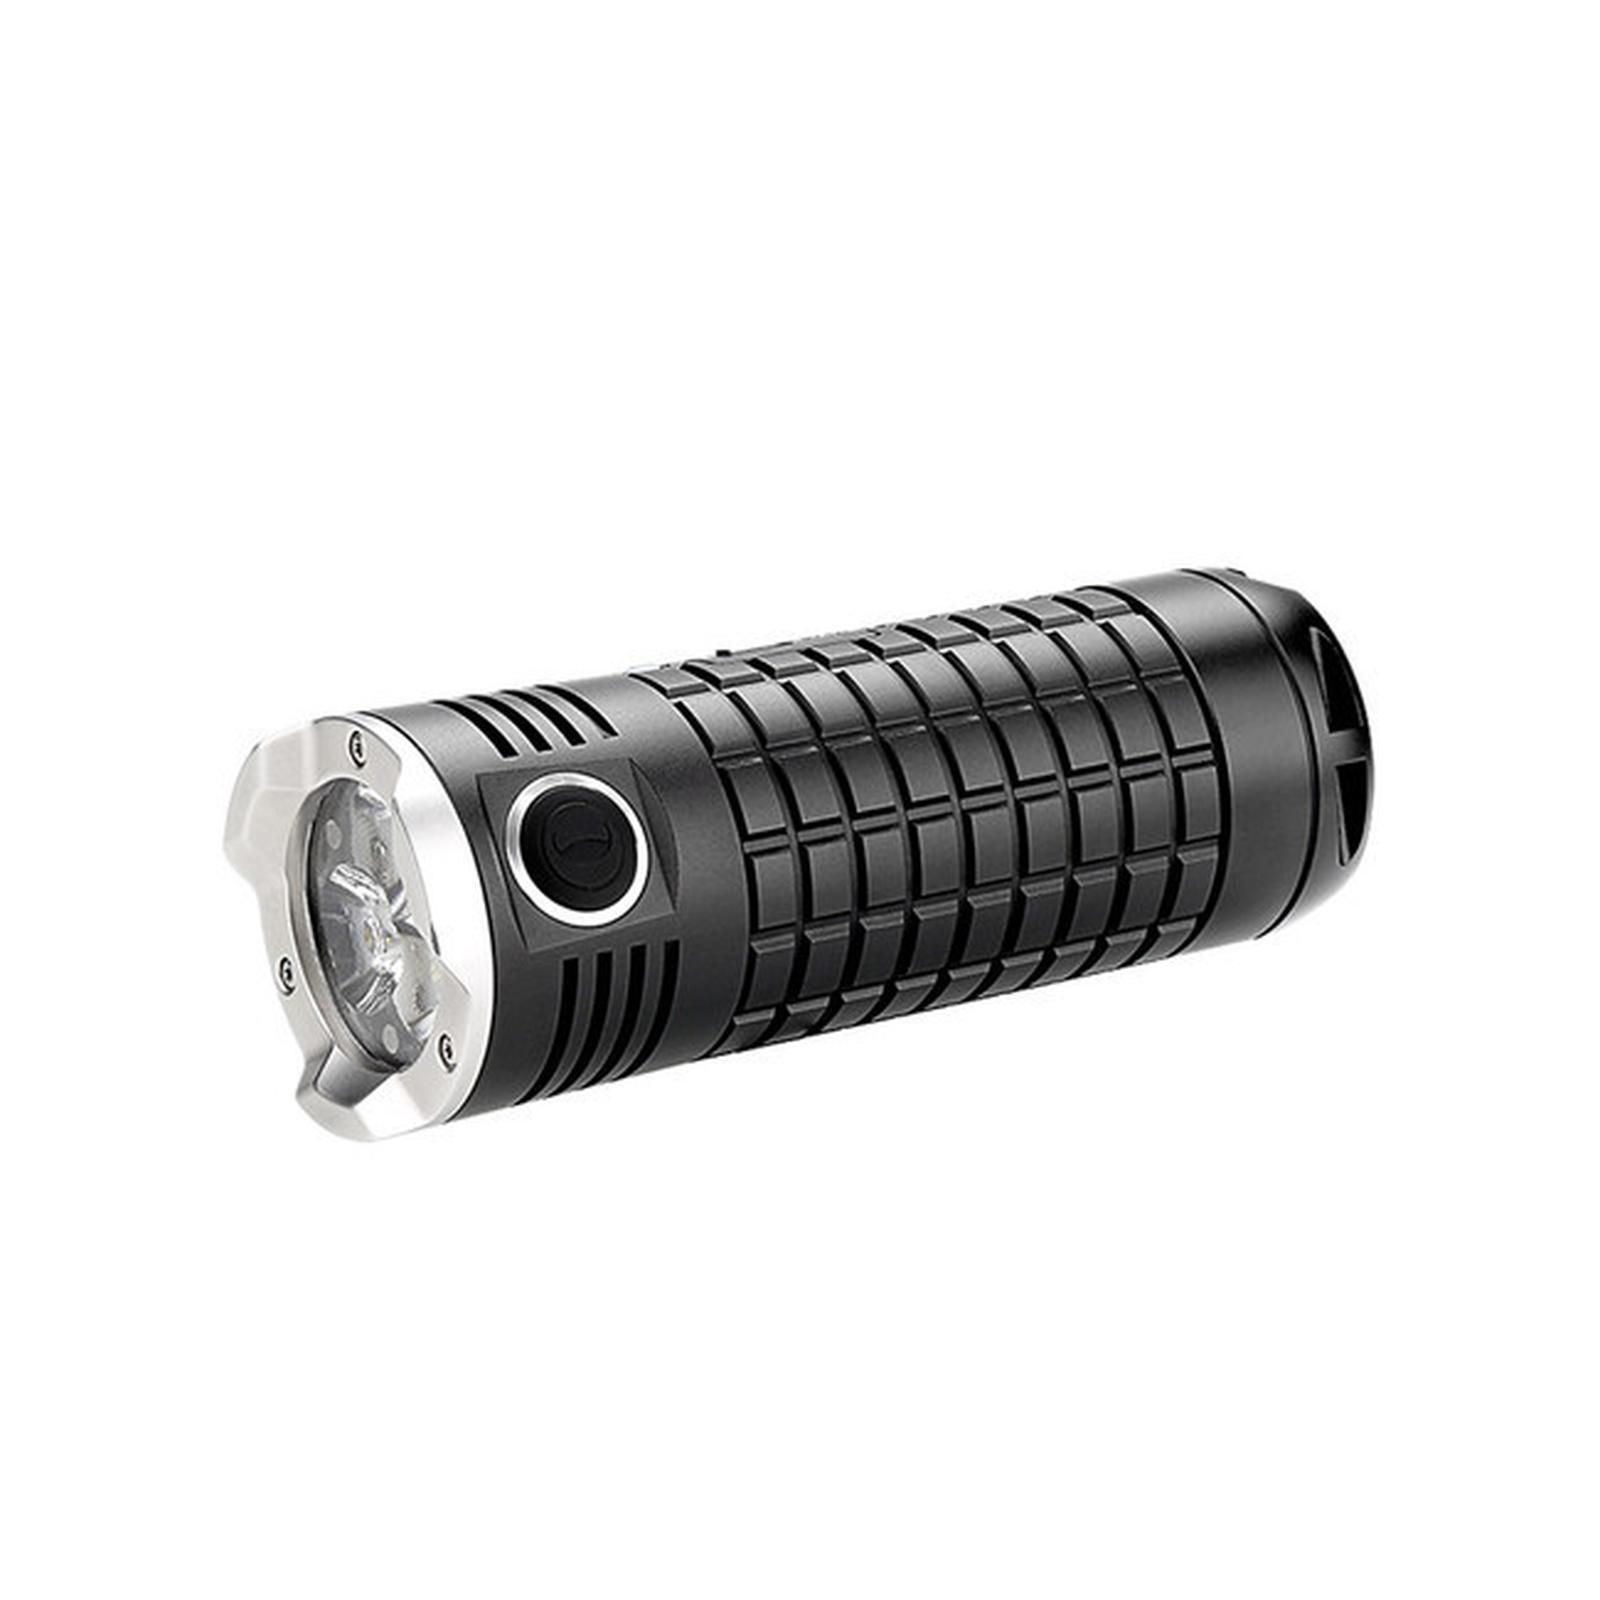 Фонарь Olight SR Mini II Intimidator (USB зарядка) фонарь фаzа af6 l19 sr